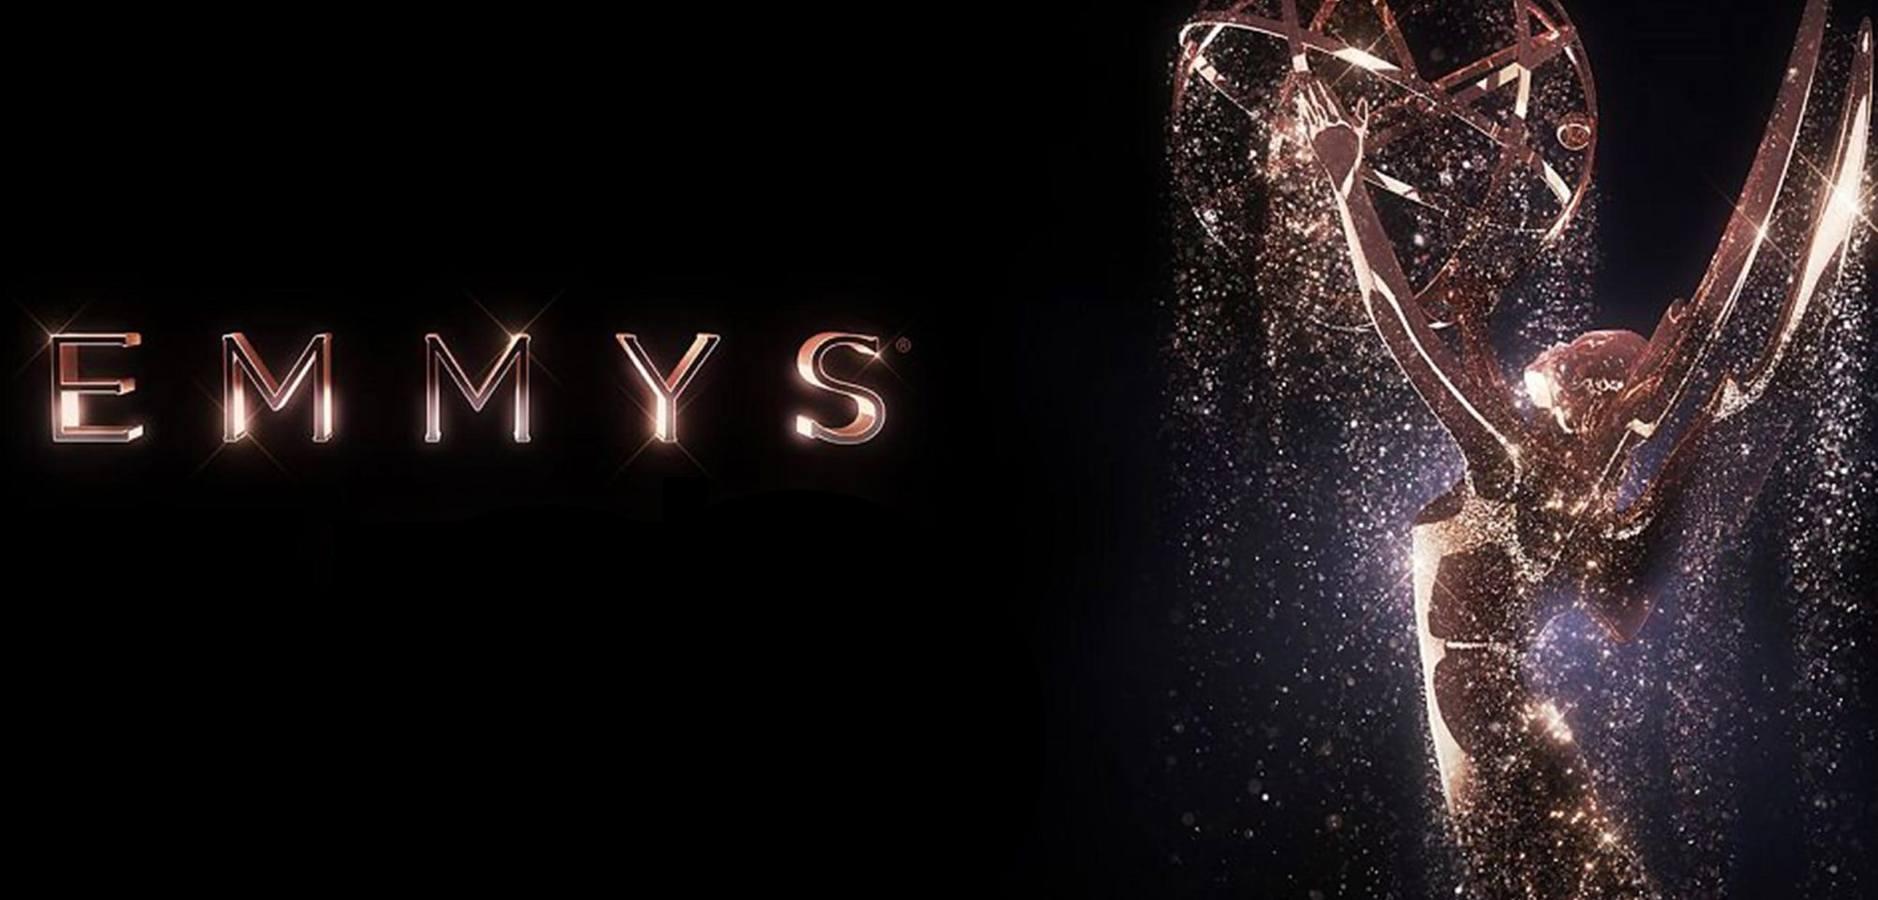 Conheça mais sobre a origem do Emmy Awards, o Oscar da TV